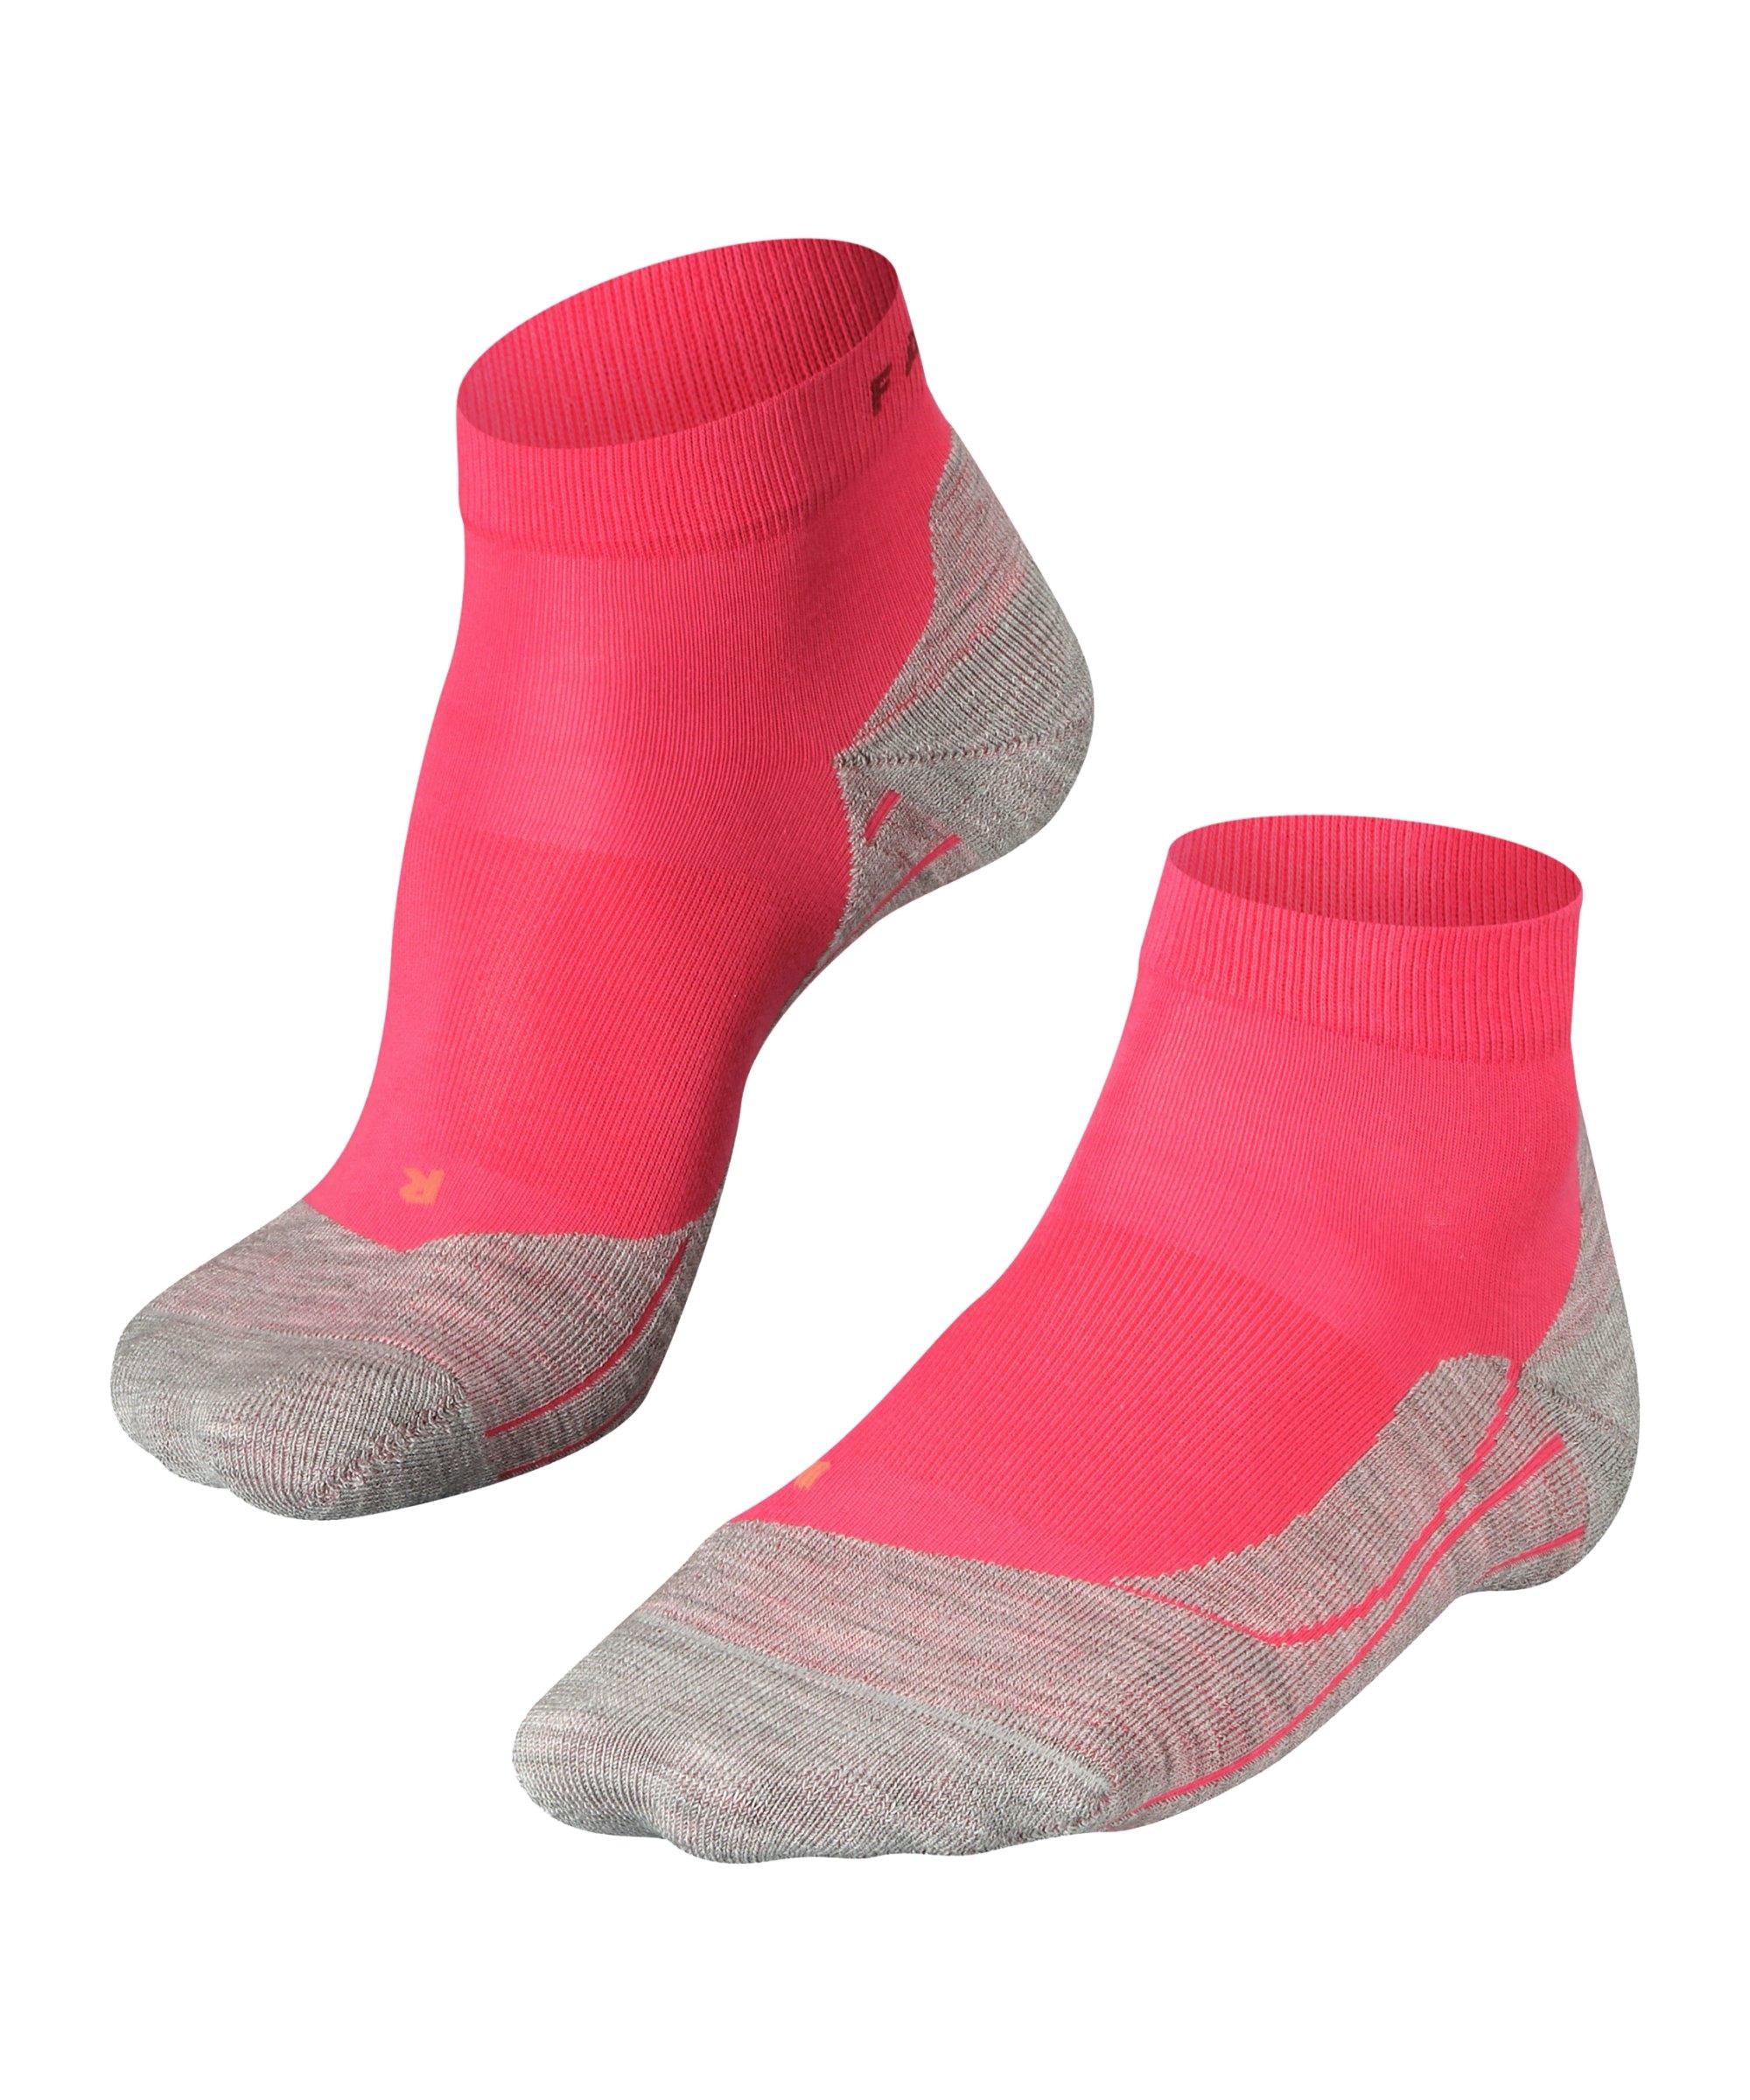 FALKE RU4 Short Socken Damen Rosa F8564 - rosa